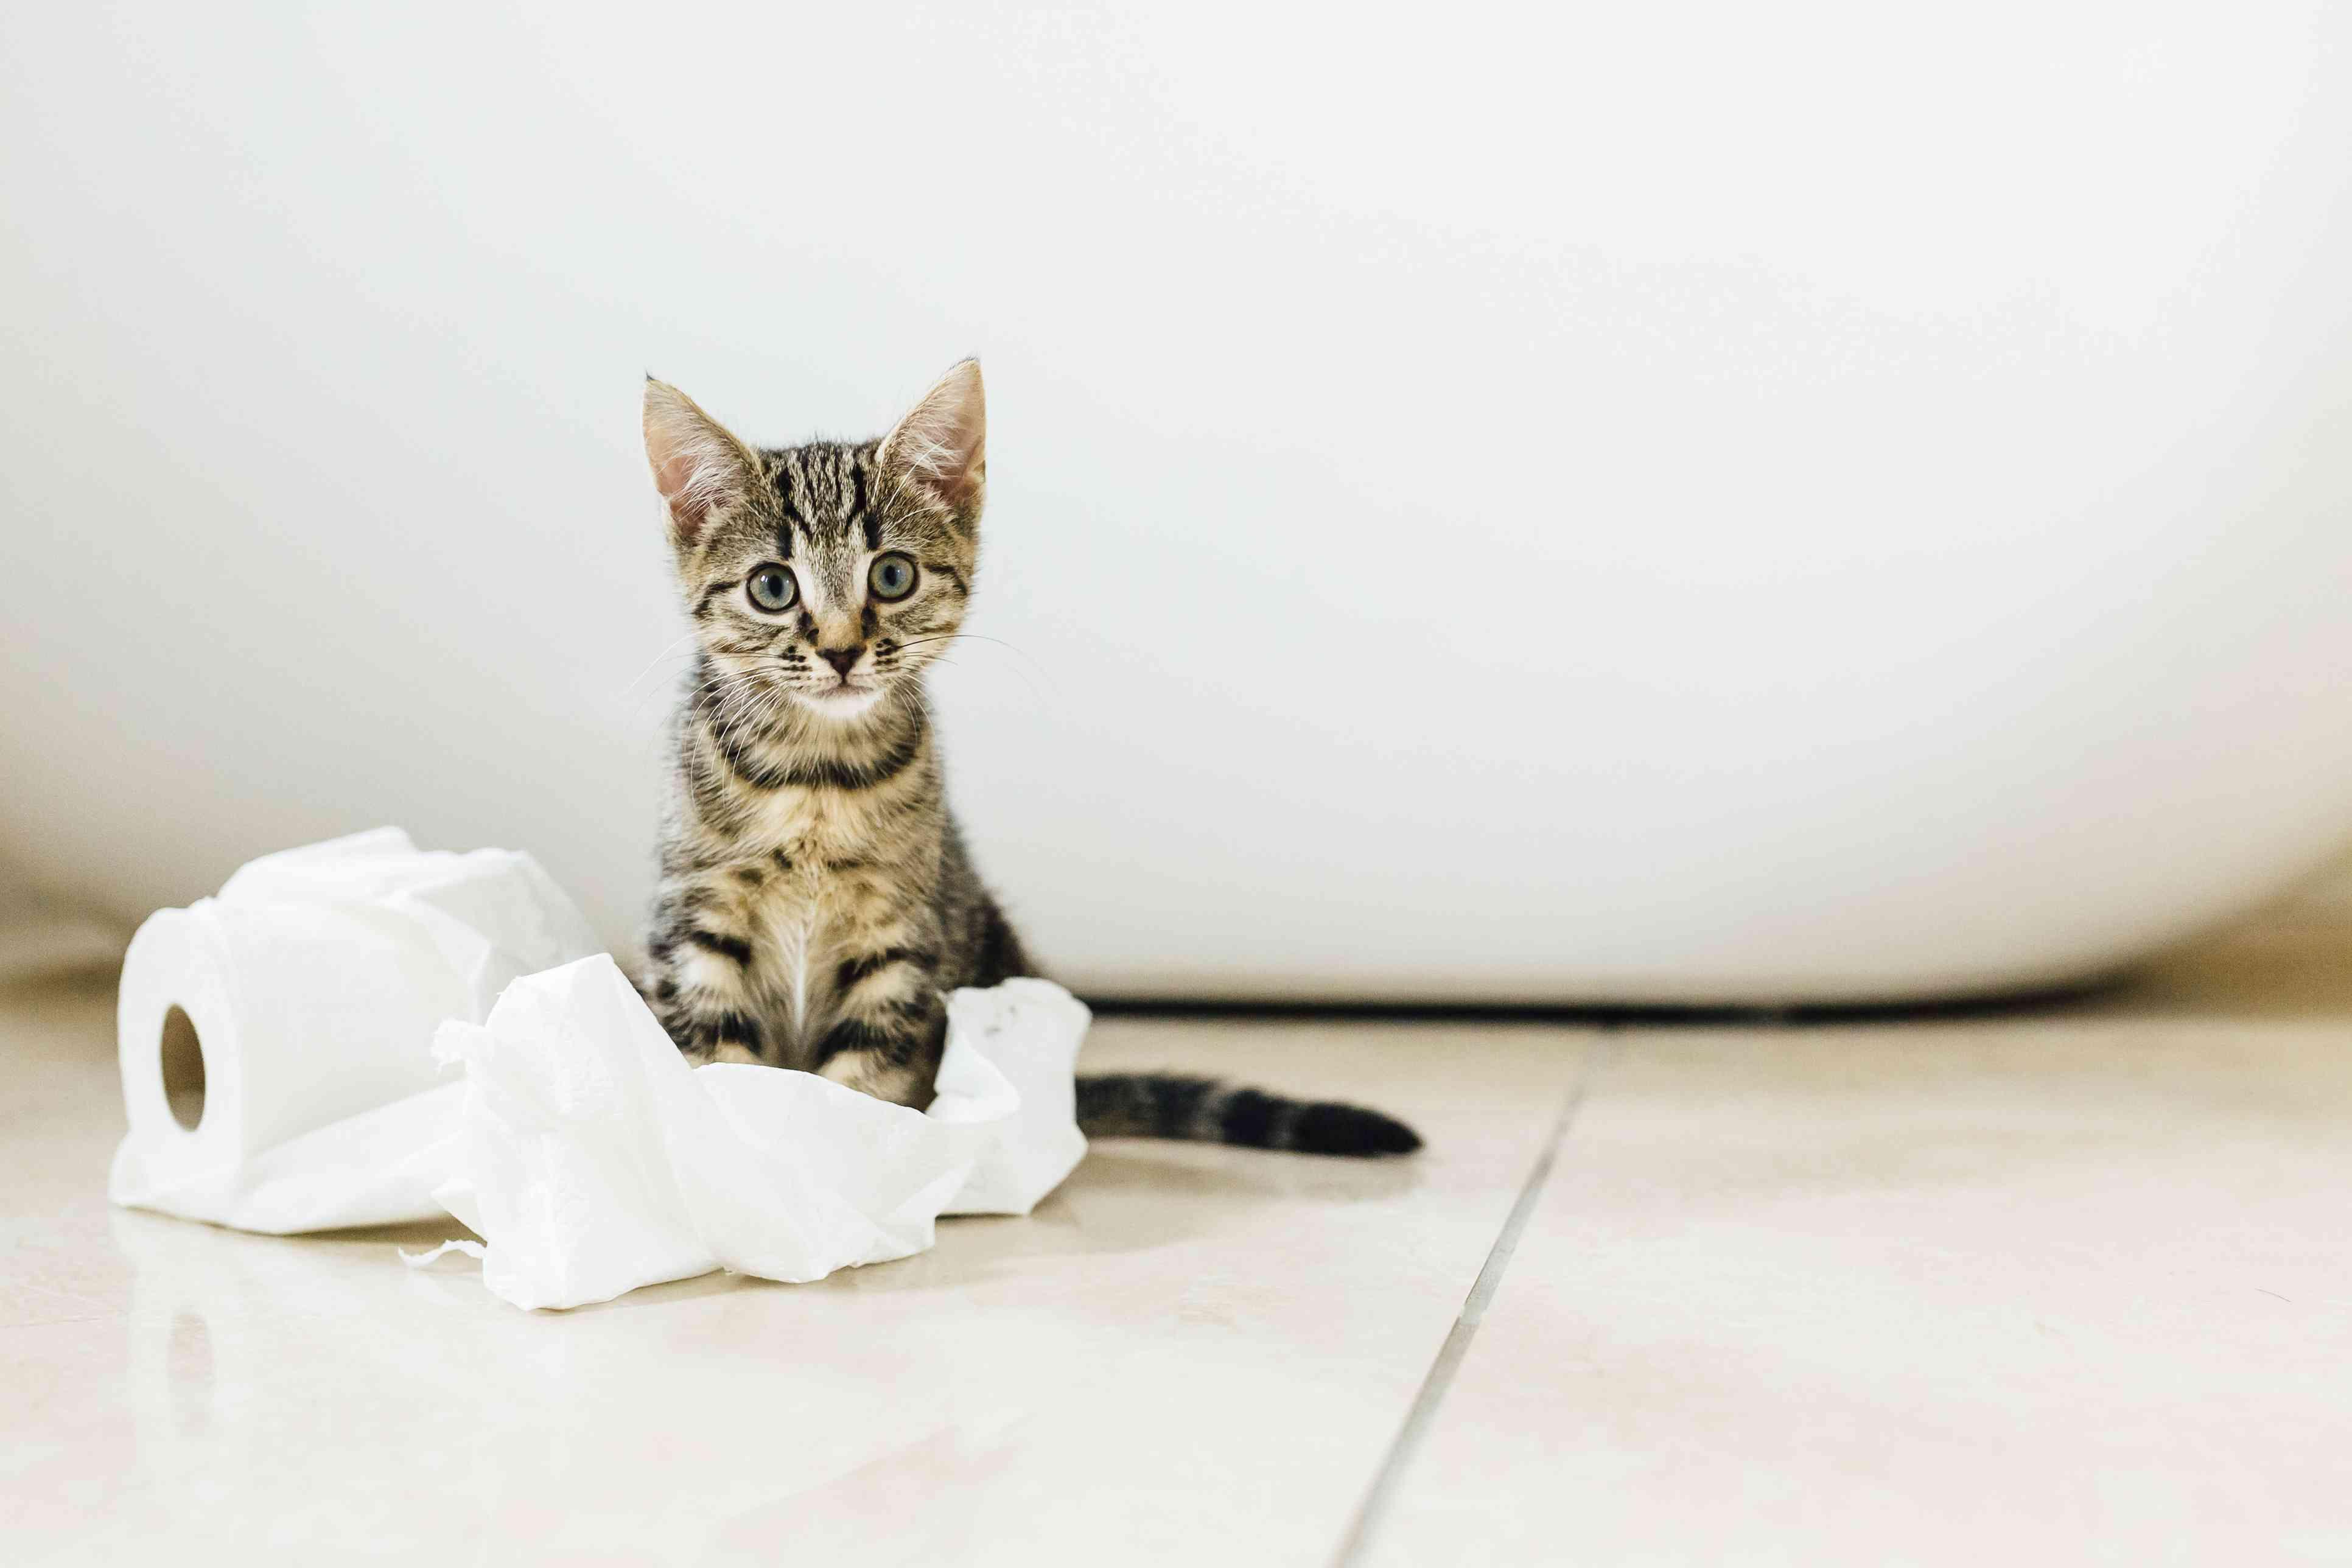 Ocho semanas de edad gatito carey jugando con papel higiénico